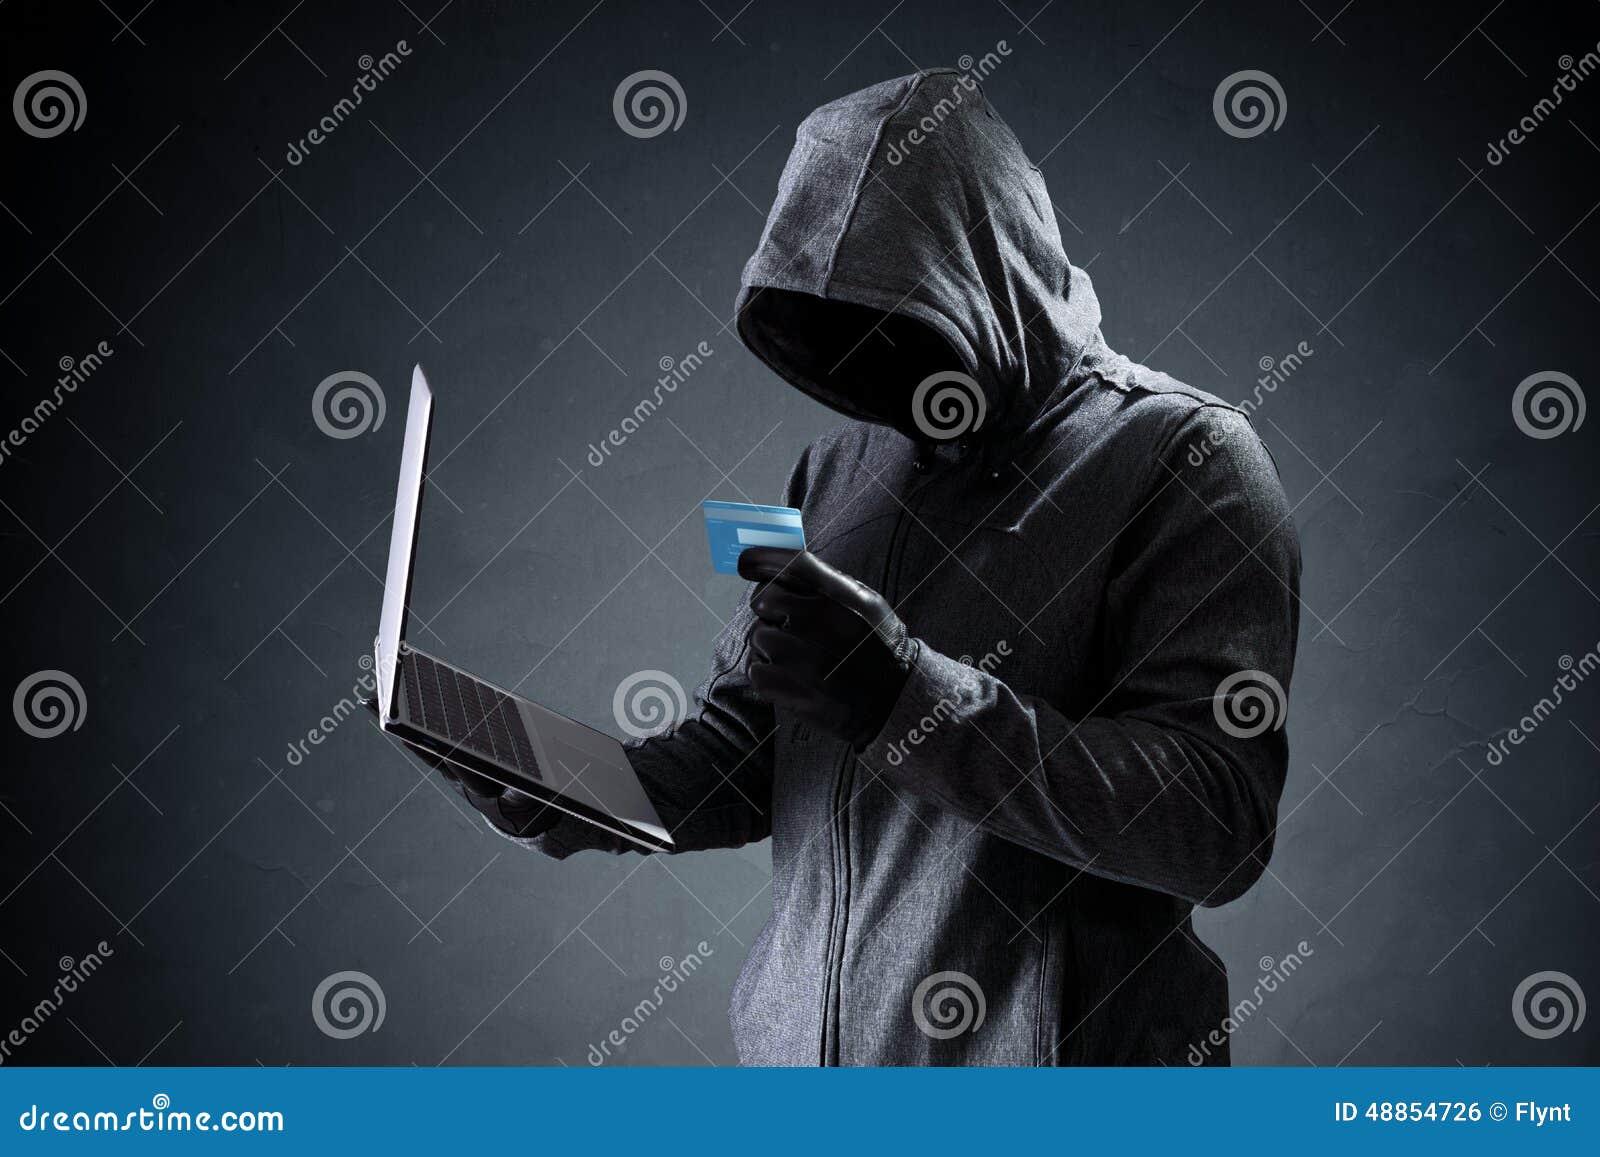 Hacker de computador com cartão de crédito que rouba dados de um portátil